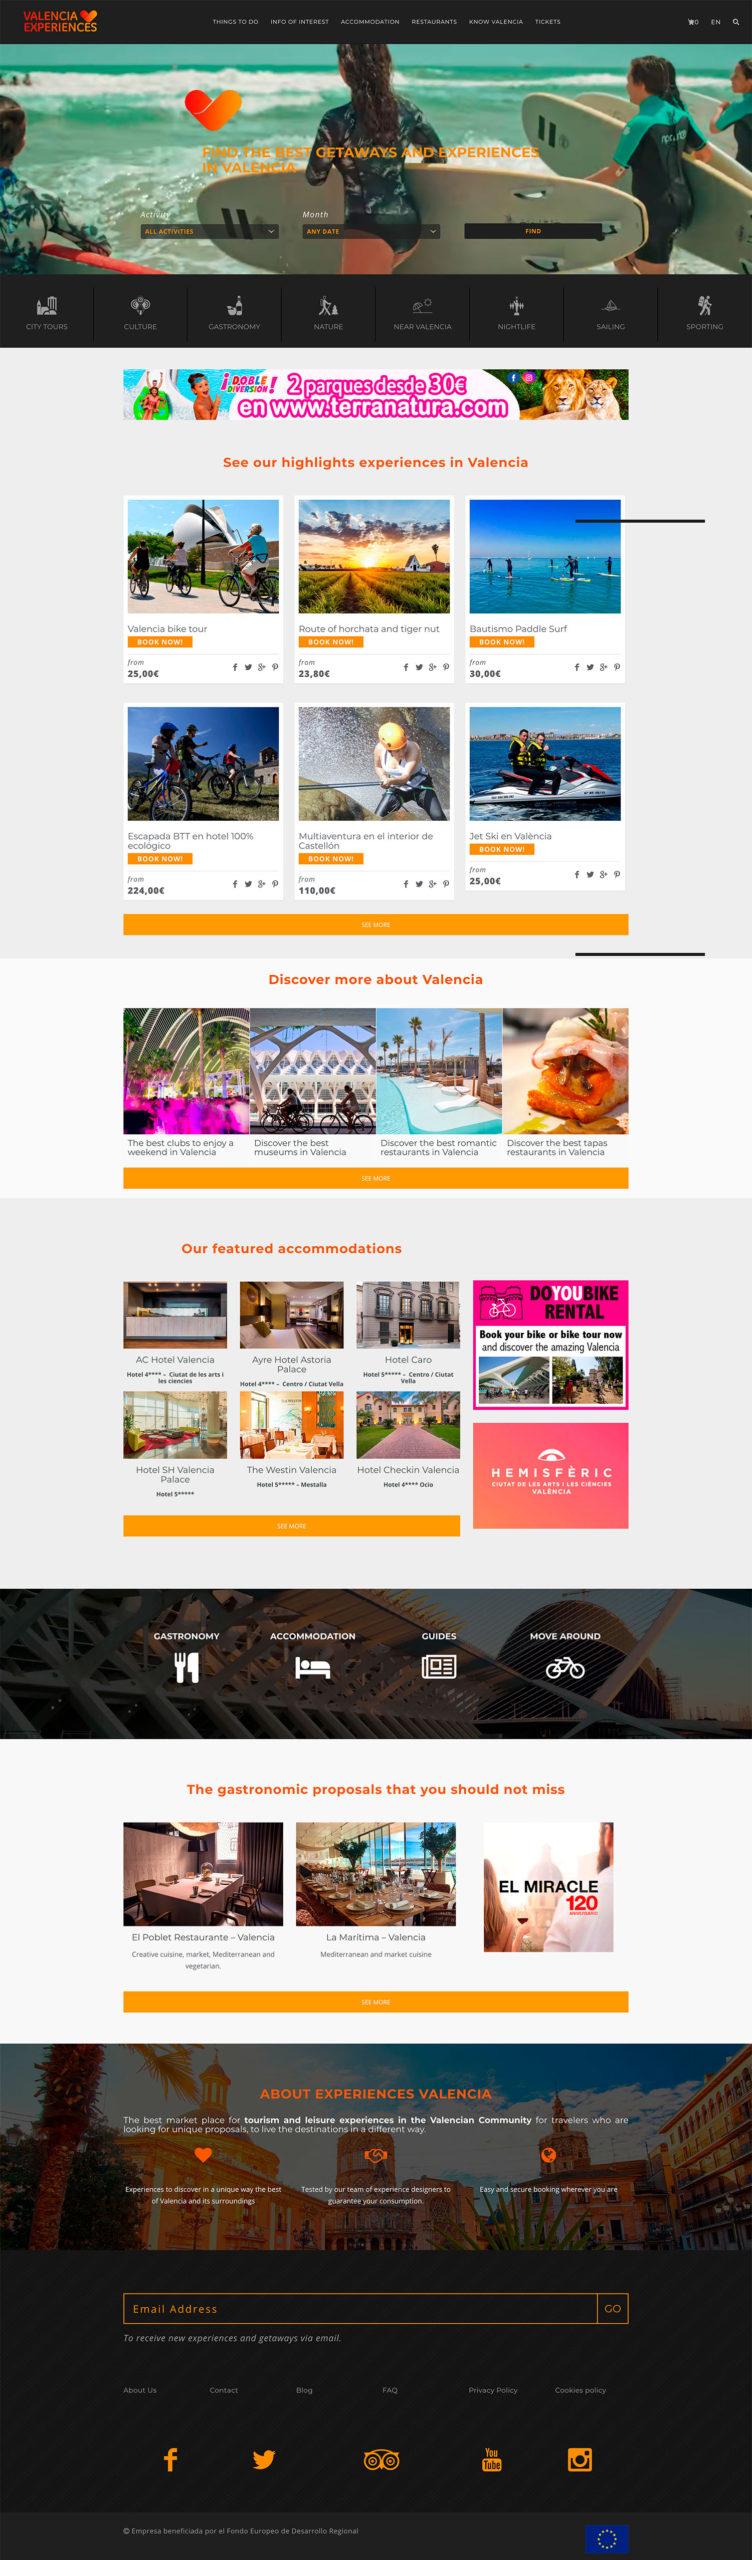 Diseño web Valencia   Diseño página web Experiences Valencia